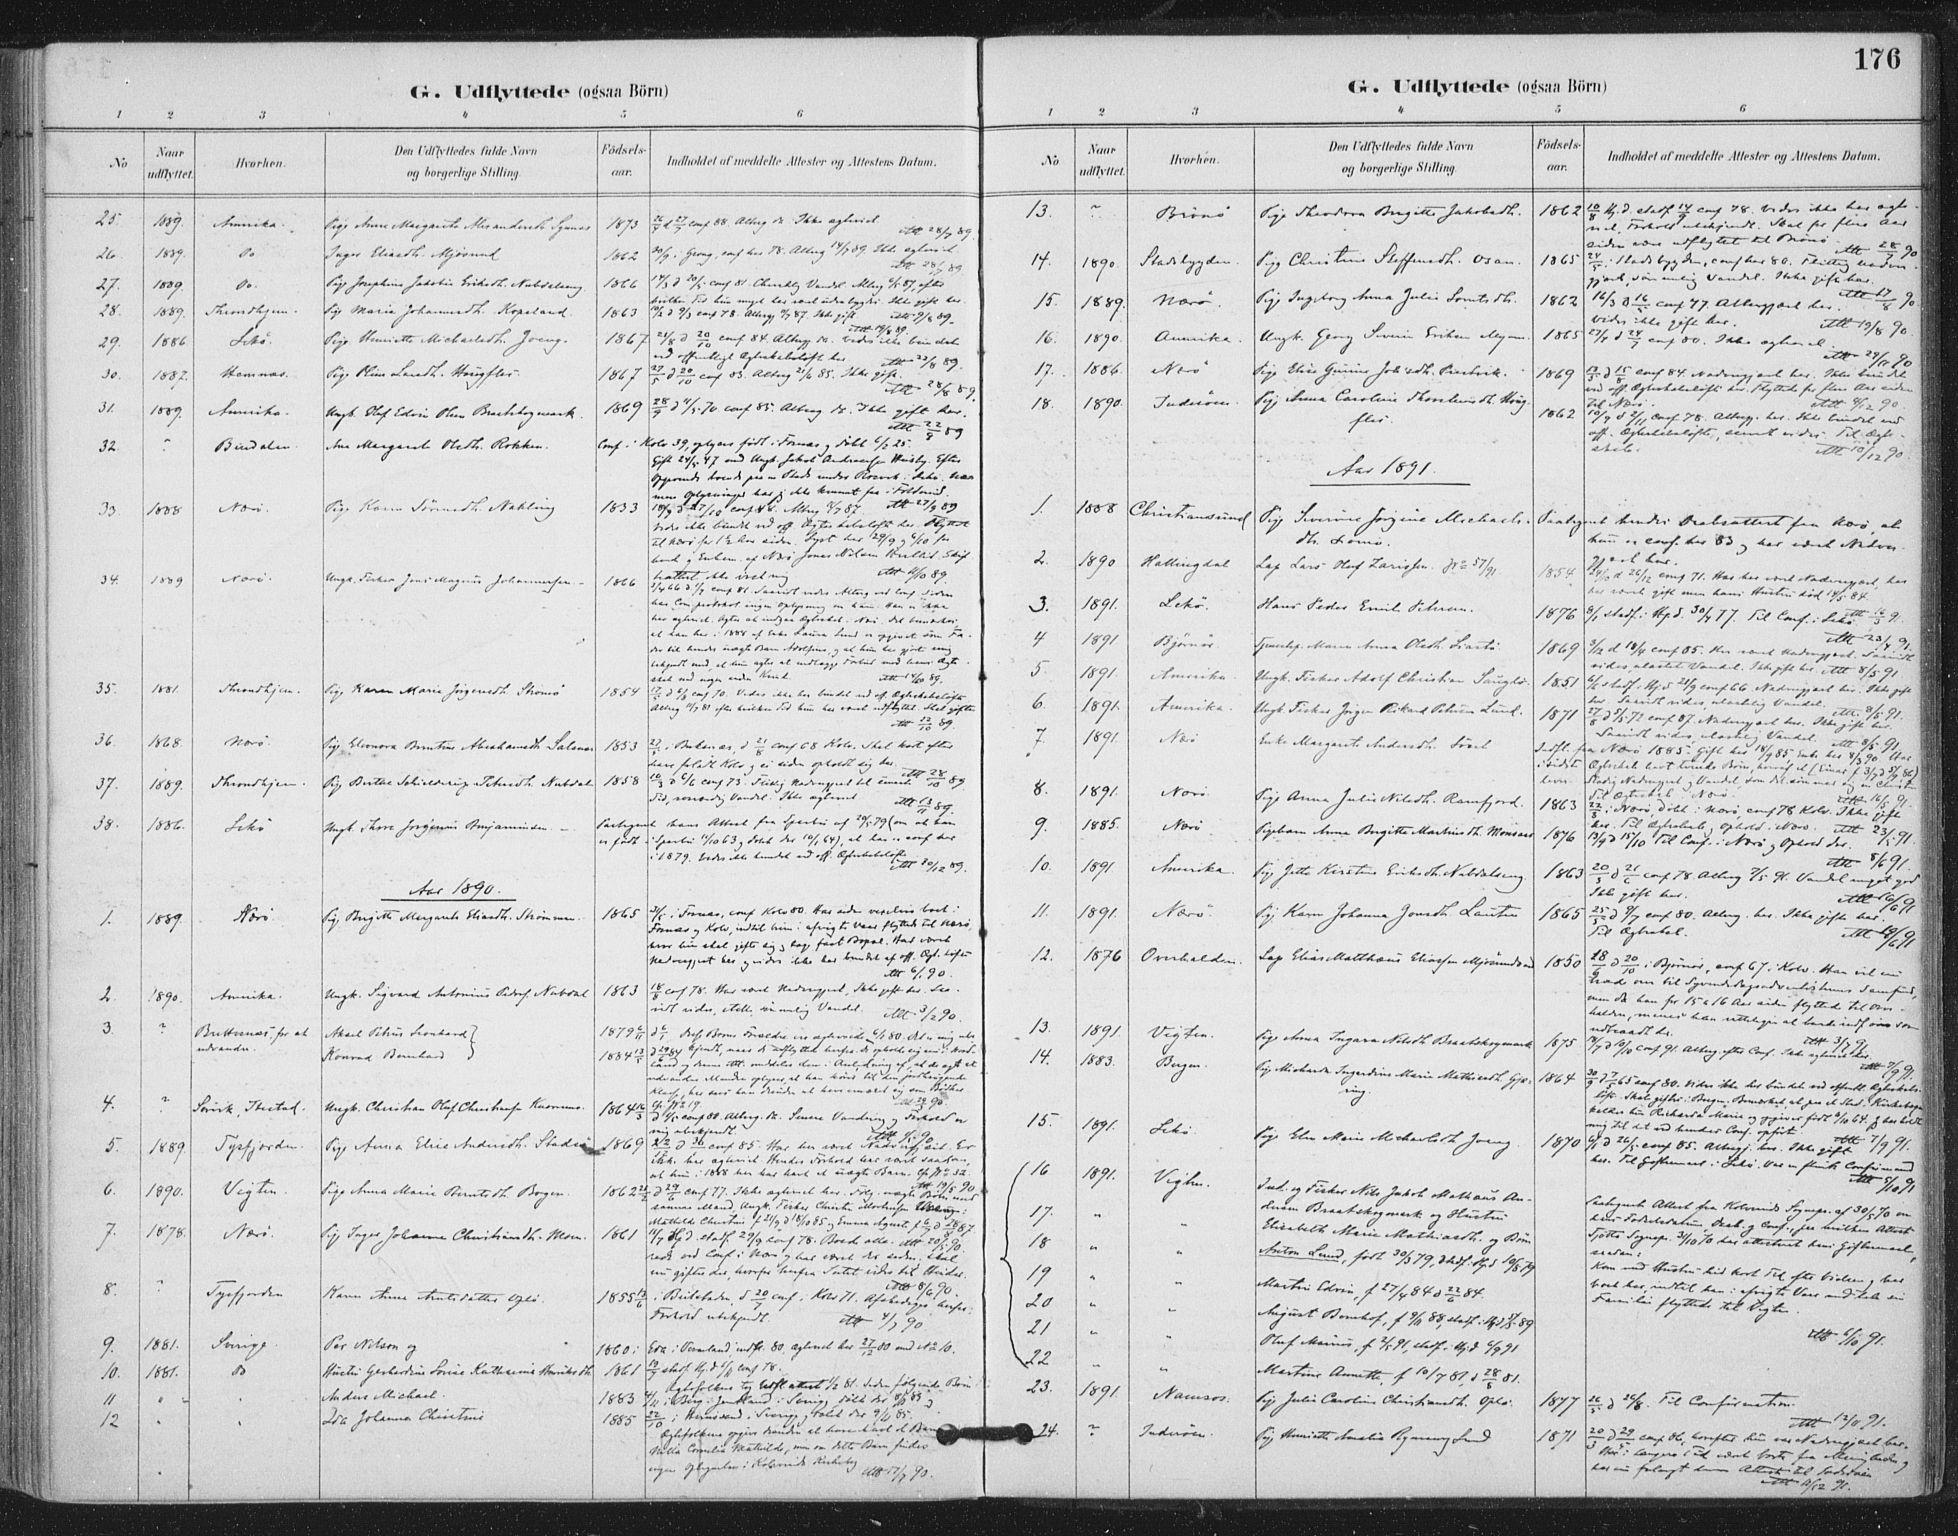 SAT, Ministerialprotokoller, klokkerbøker og fødselsregistre - Nord-Trøndelag, 780/L0644: Ministerialbok nr. 780A08, 1886-1903, s. 176